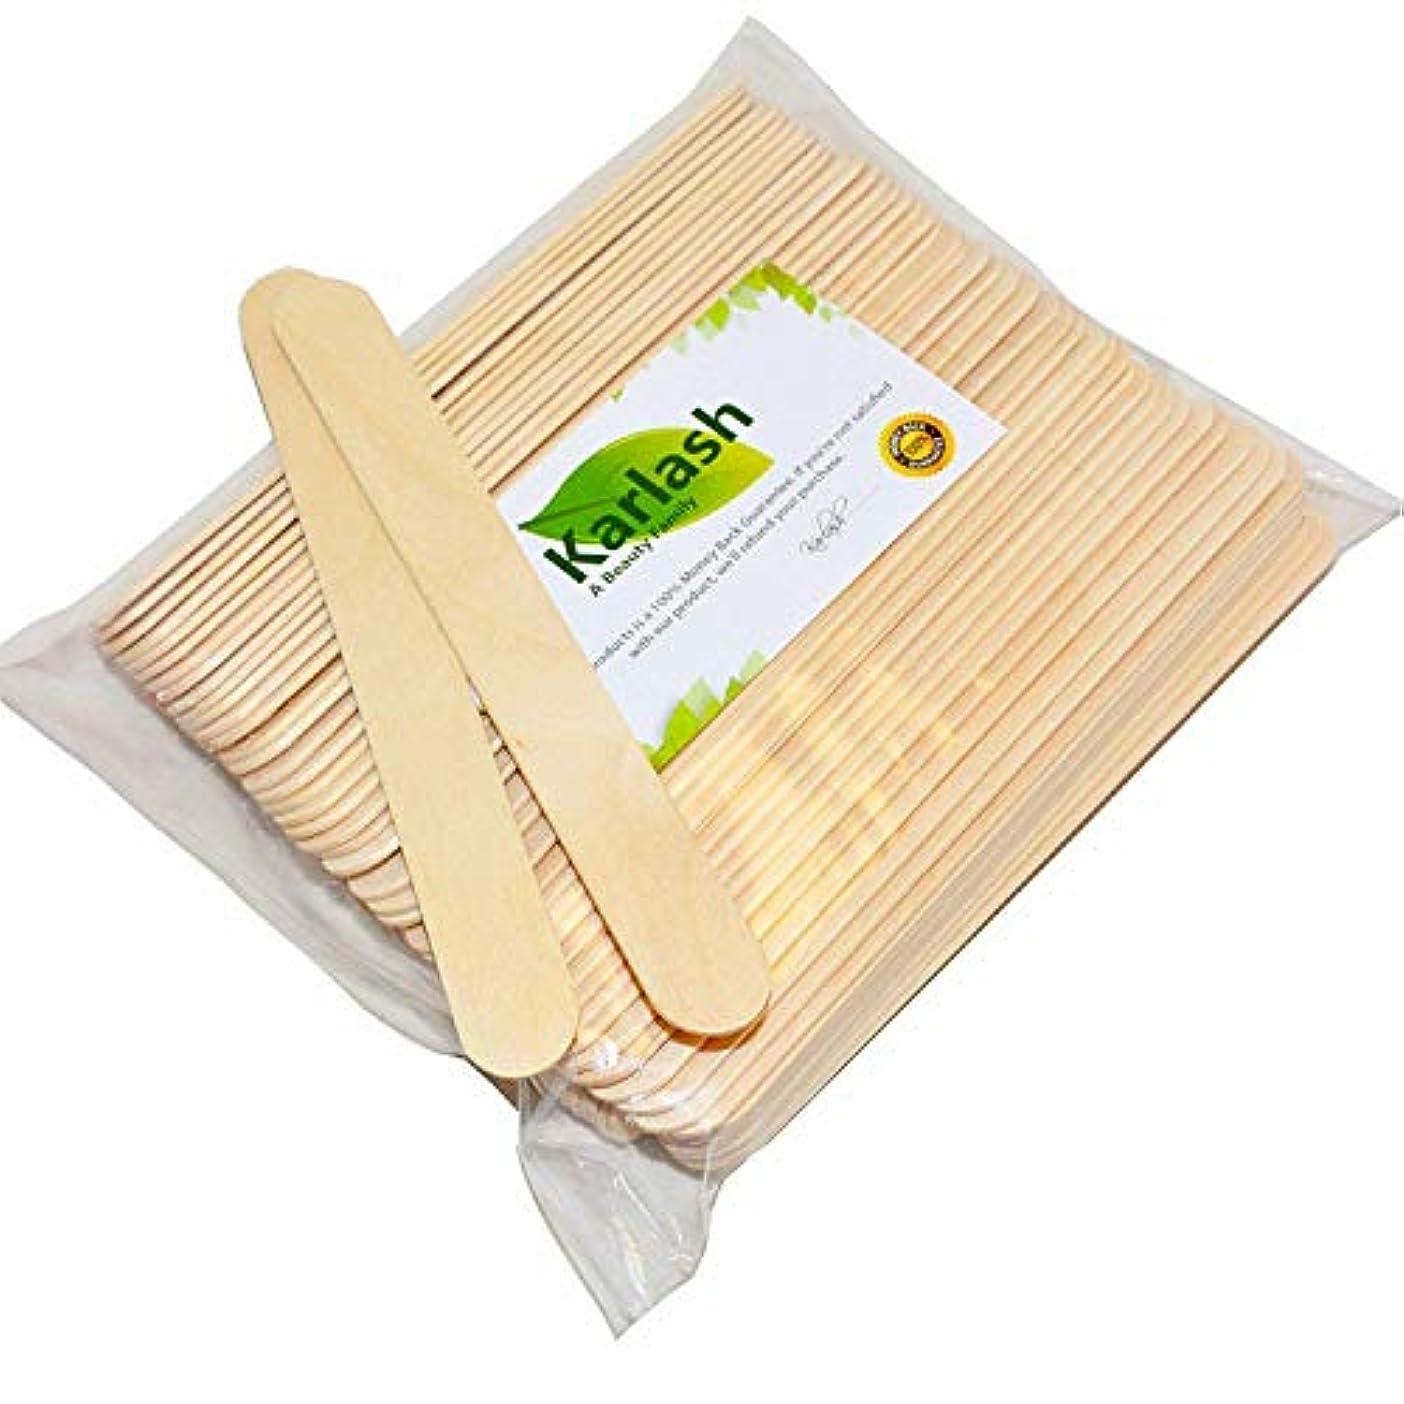 覗くエールおもてなし100 Large Wax Waxing Wood Body Hair Removal Craft Sticks Applicator Spatula 141[並行輸入]